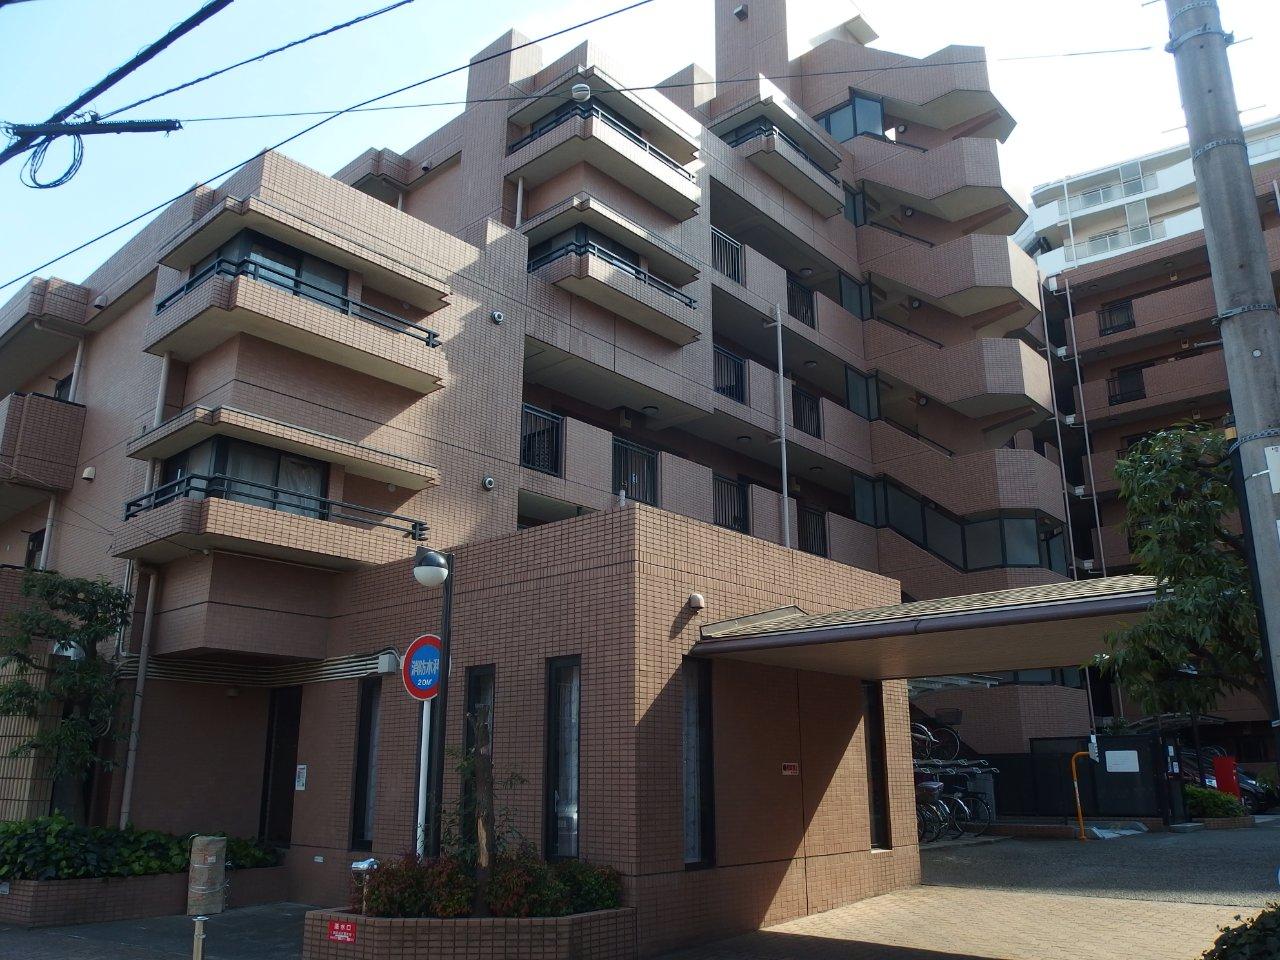 【小田急相模原駅徒歩4分】便利な生活圏にあるマンション!